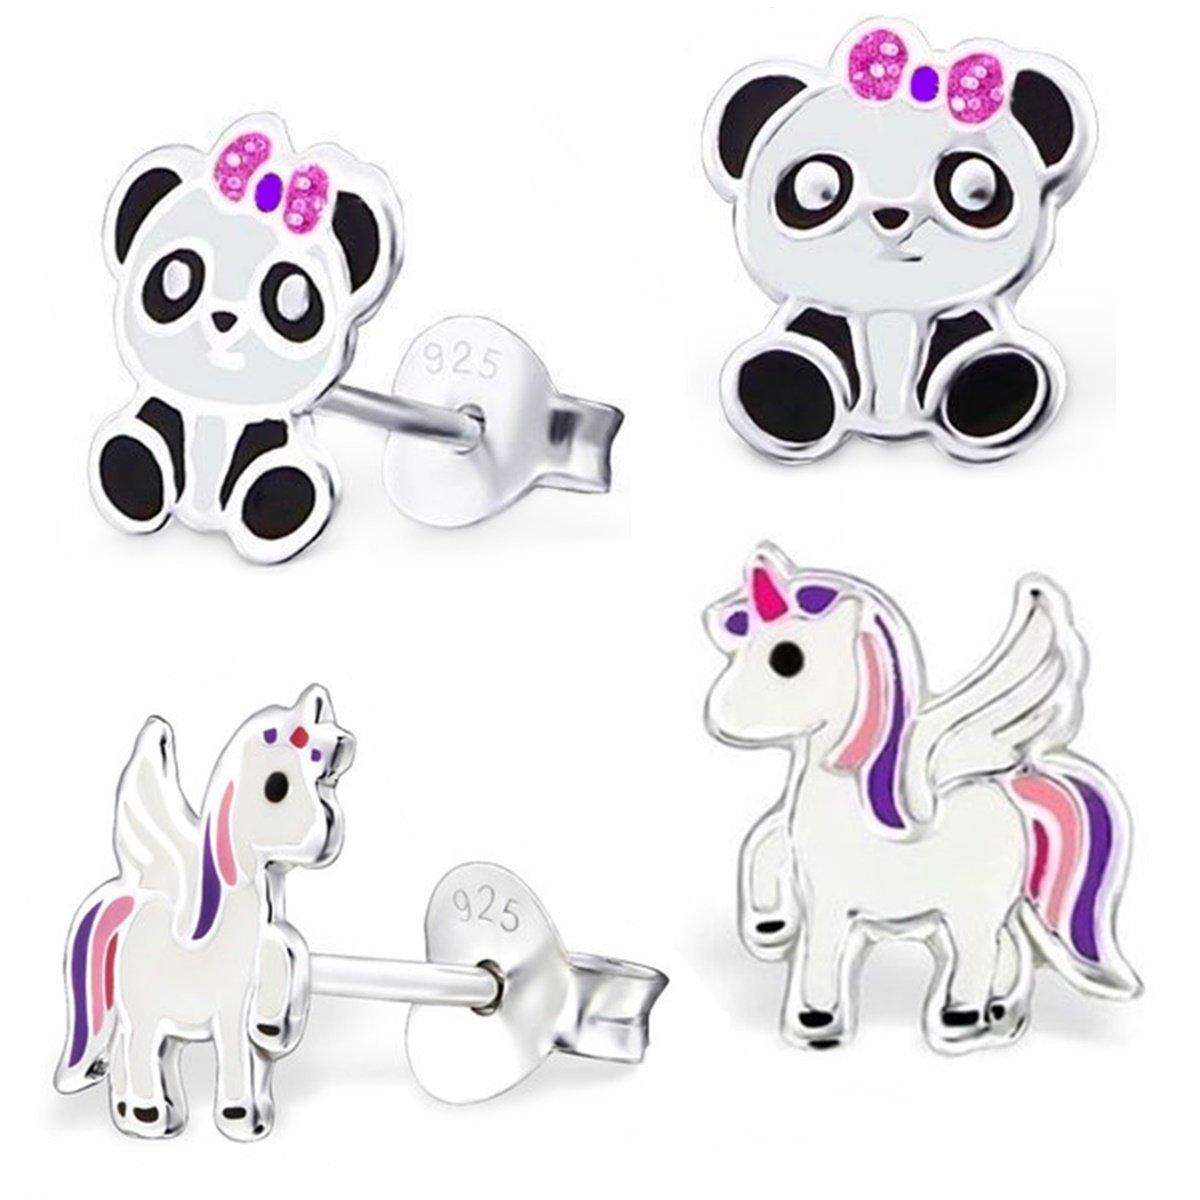 Set de 2paires de boucles d'oreilles Pégase licorne et panda GH - En argent 925 - Pour filles GH-1a SE-0119k/8